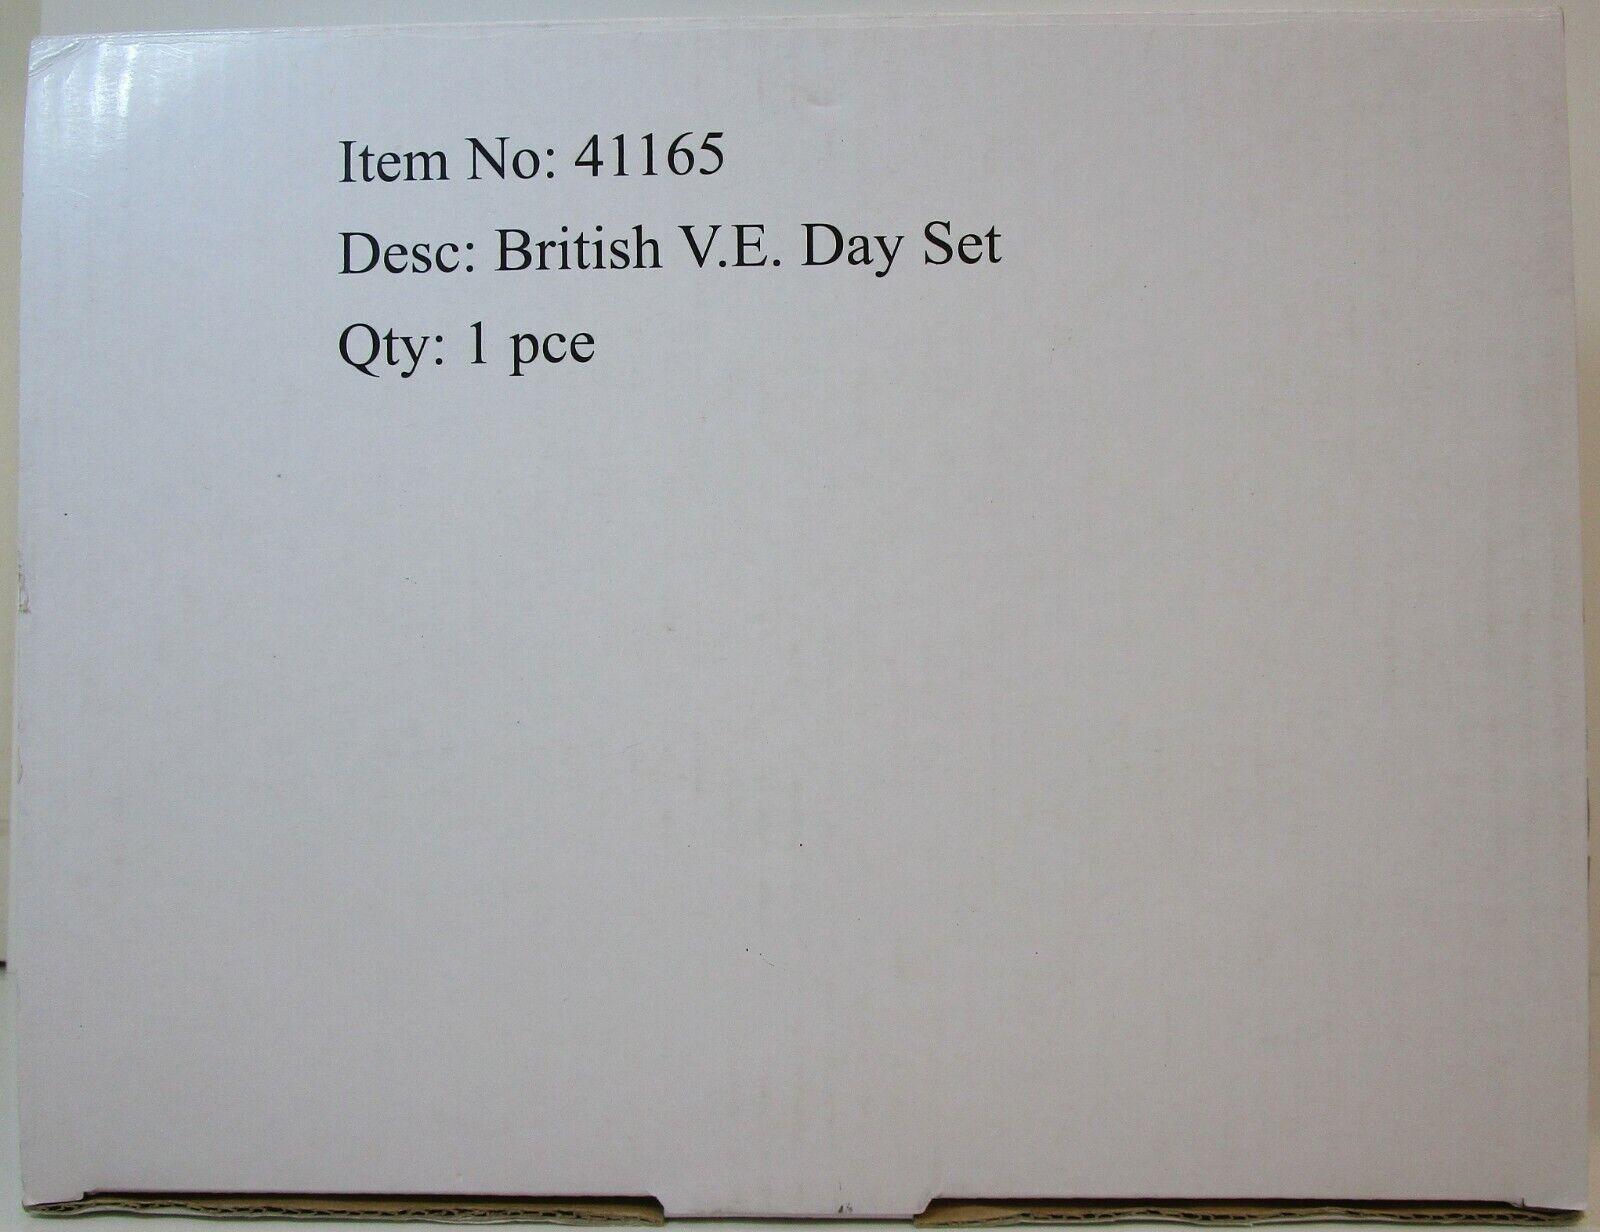 William Britain - 41165 - Collectors Club Edition - V.E. Day Set - Diecast.